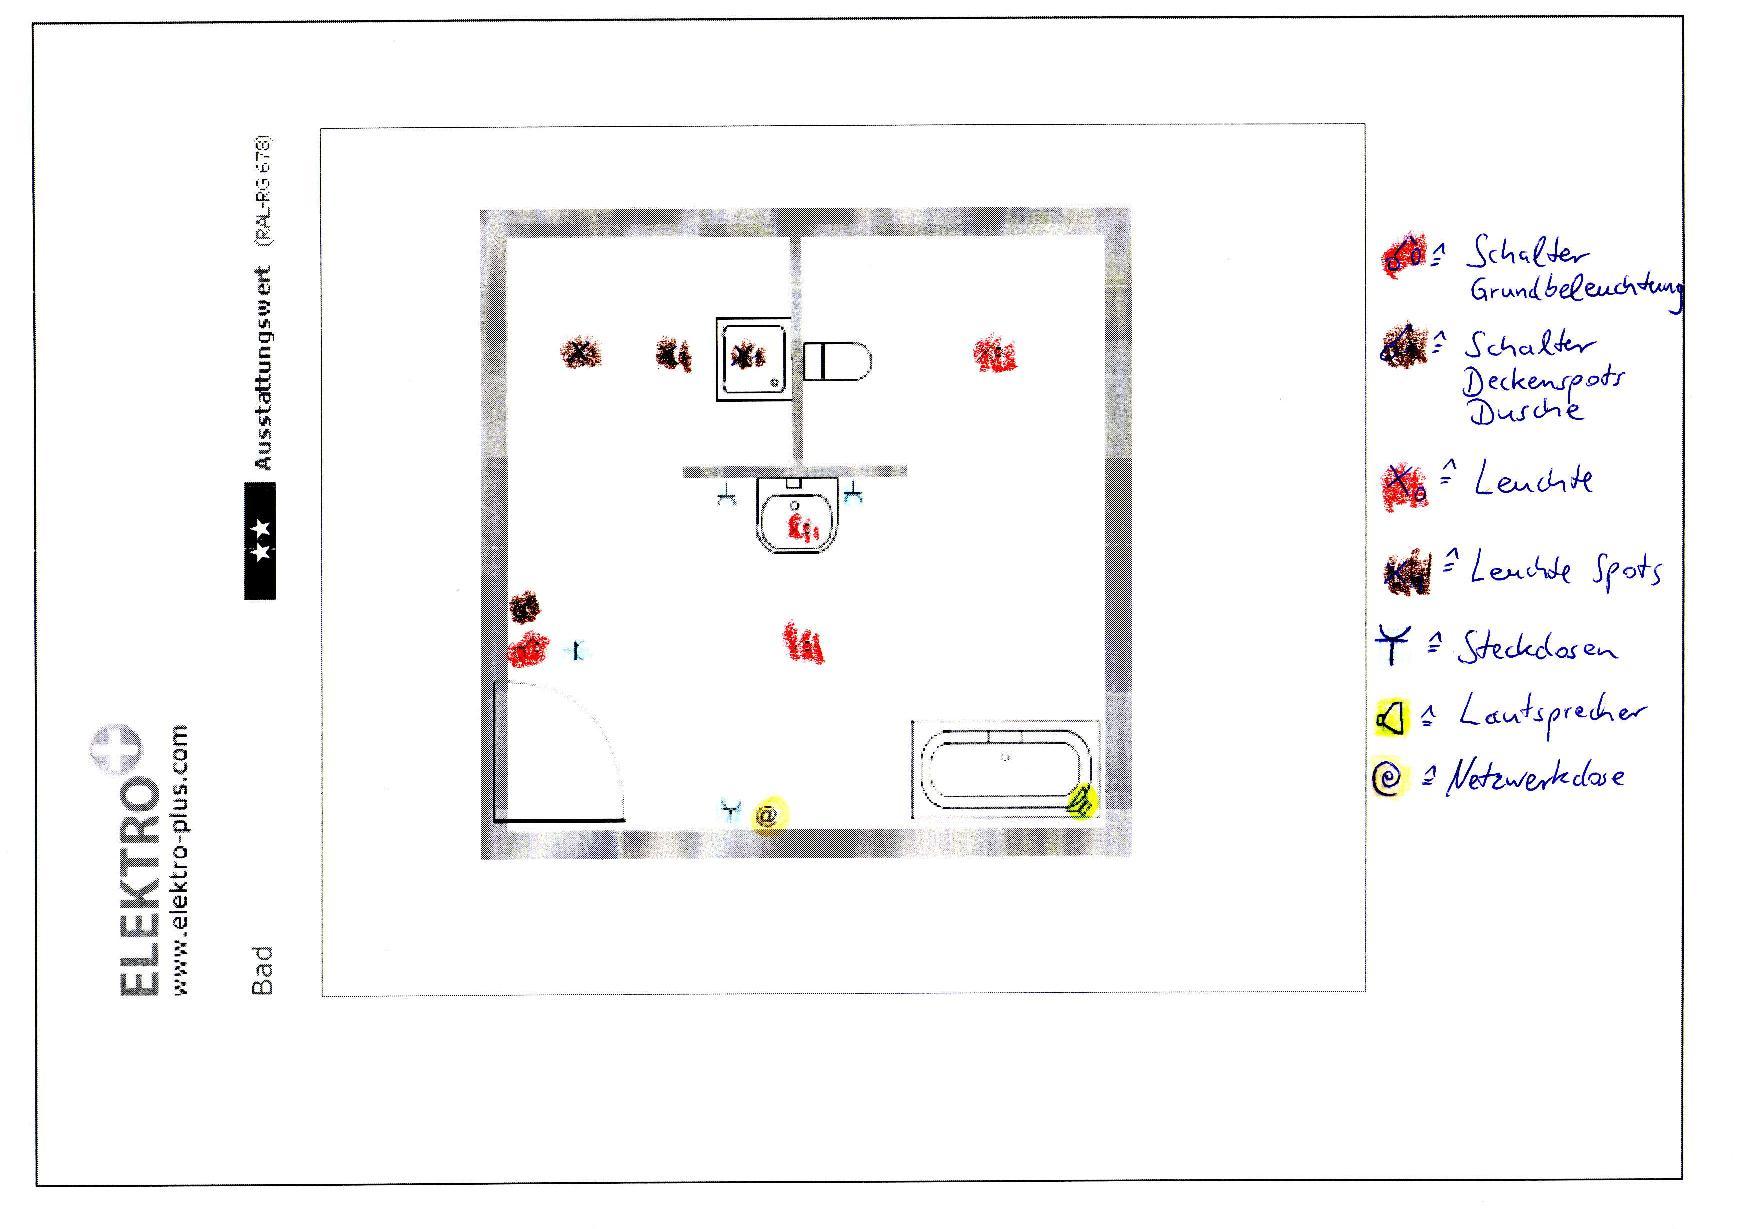 Elektro Und Netzwerk 1 Planung Unser Traumhaus In Aichhalden